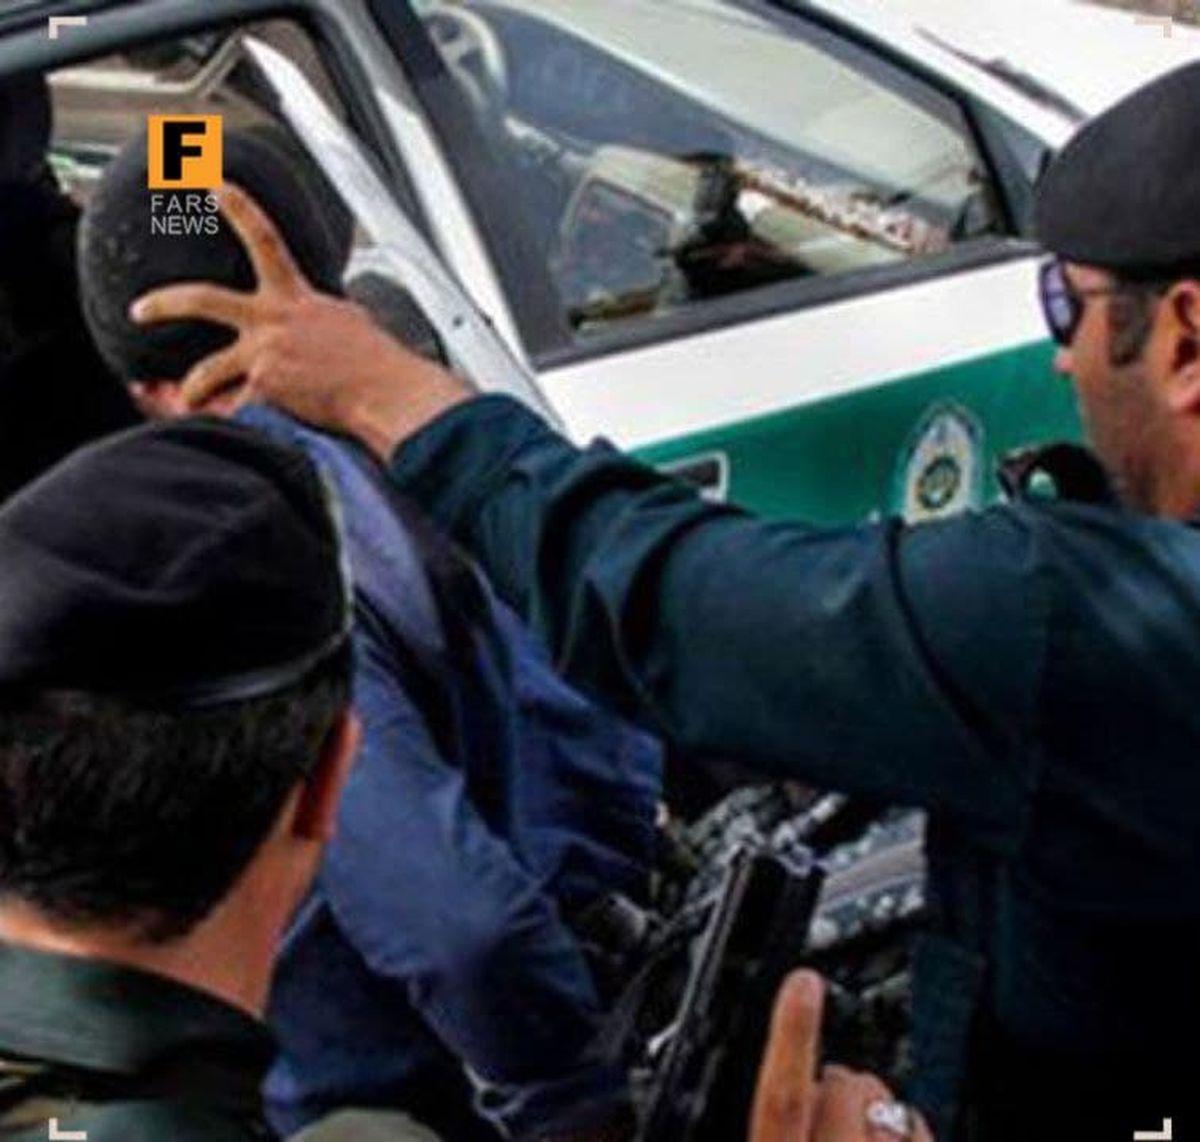 زد و خورد مسلحانه باند قاچاقچیان با مأموران انتظامی| در ایذه اتفاق افتاد